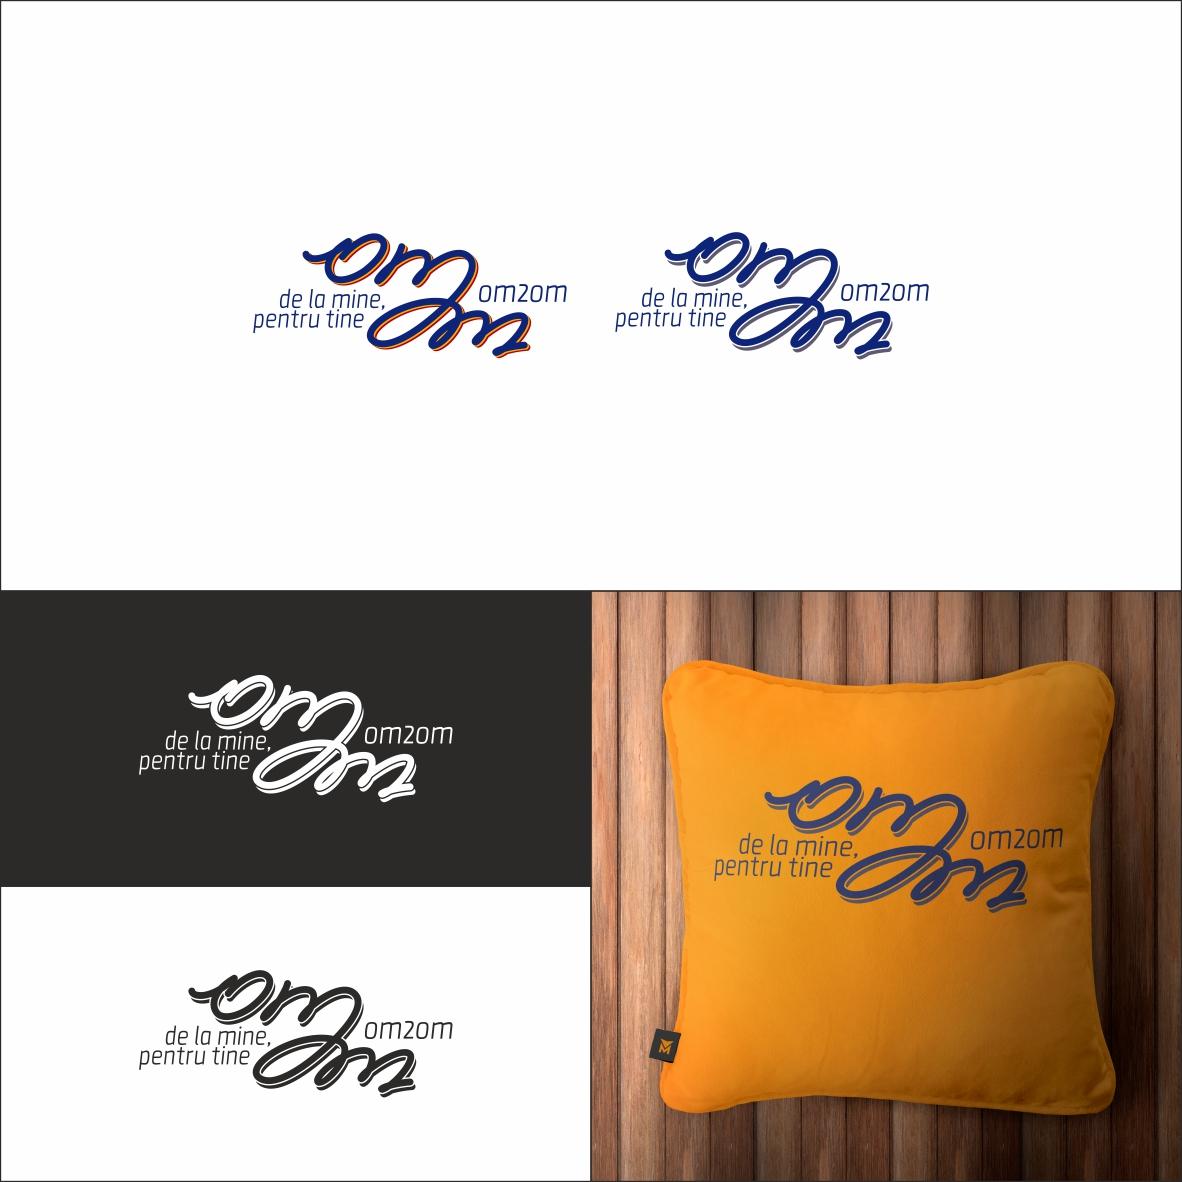 Разработка логотипа для краудфандинговой платформы om2om.md фото f_2915f5a6e5b0254f.jpg